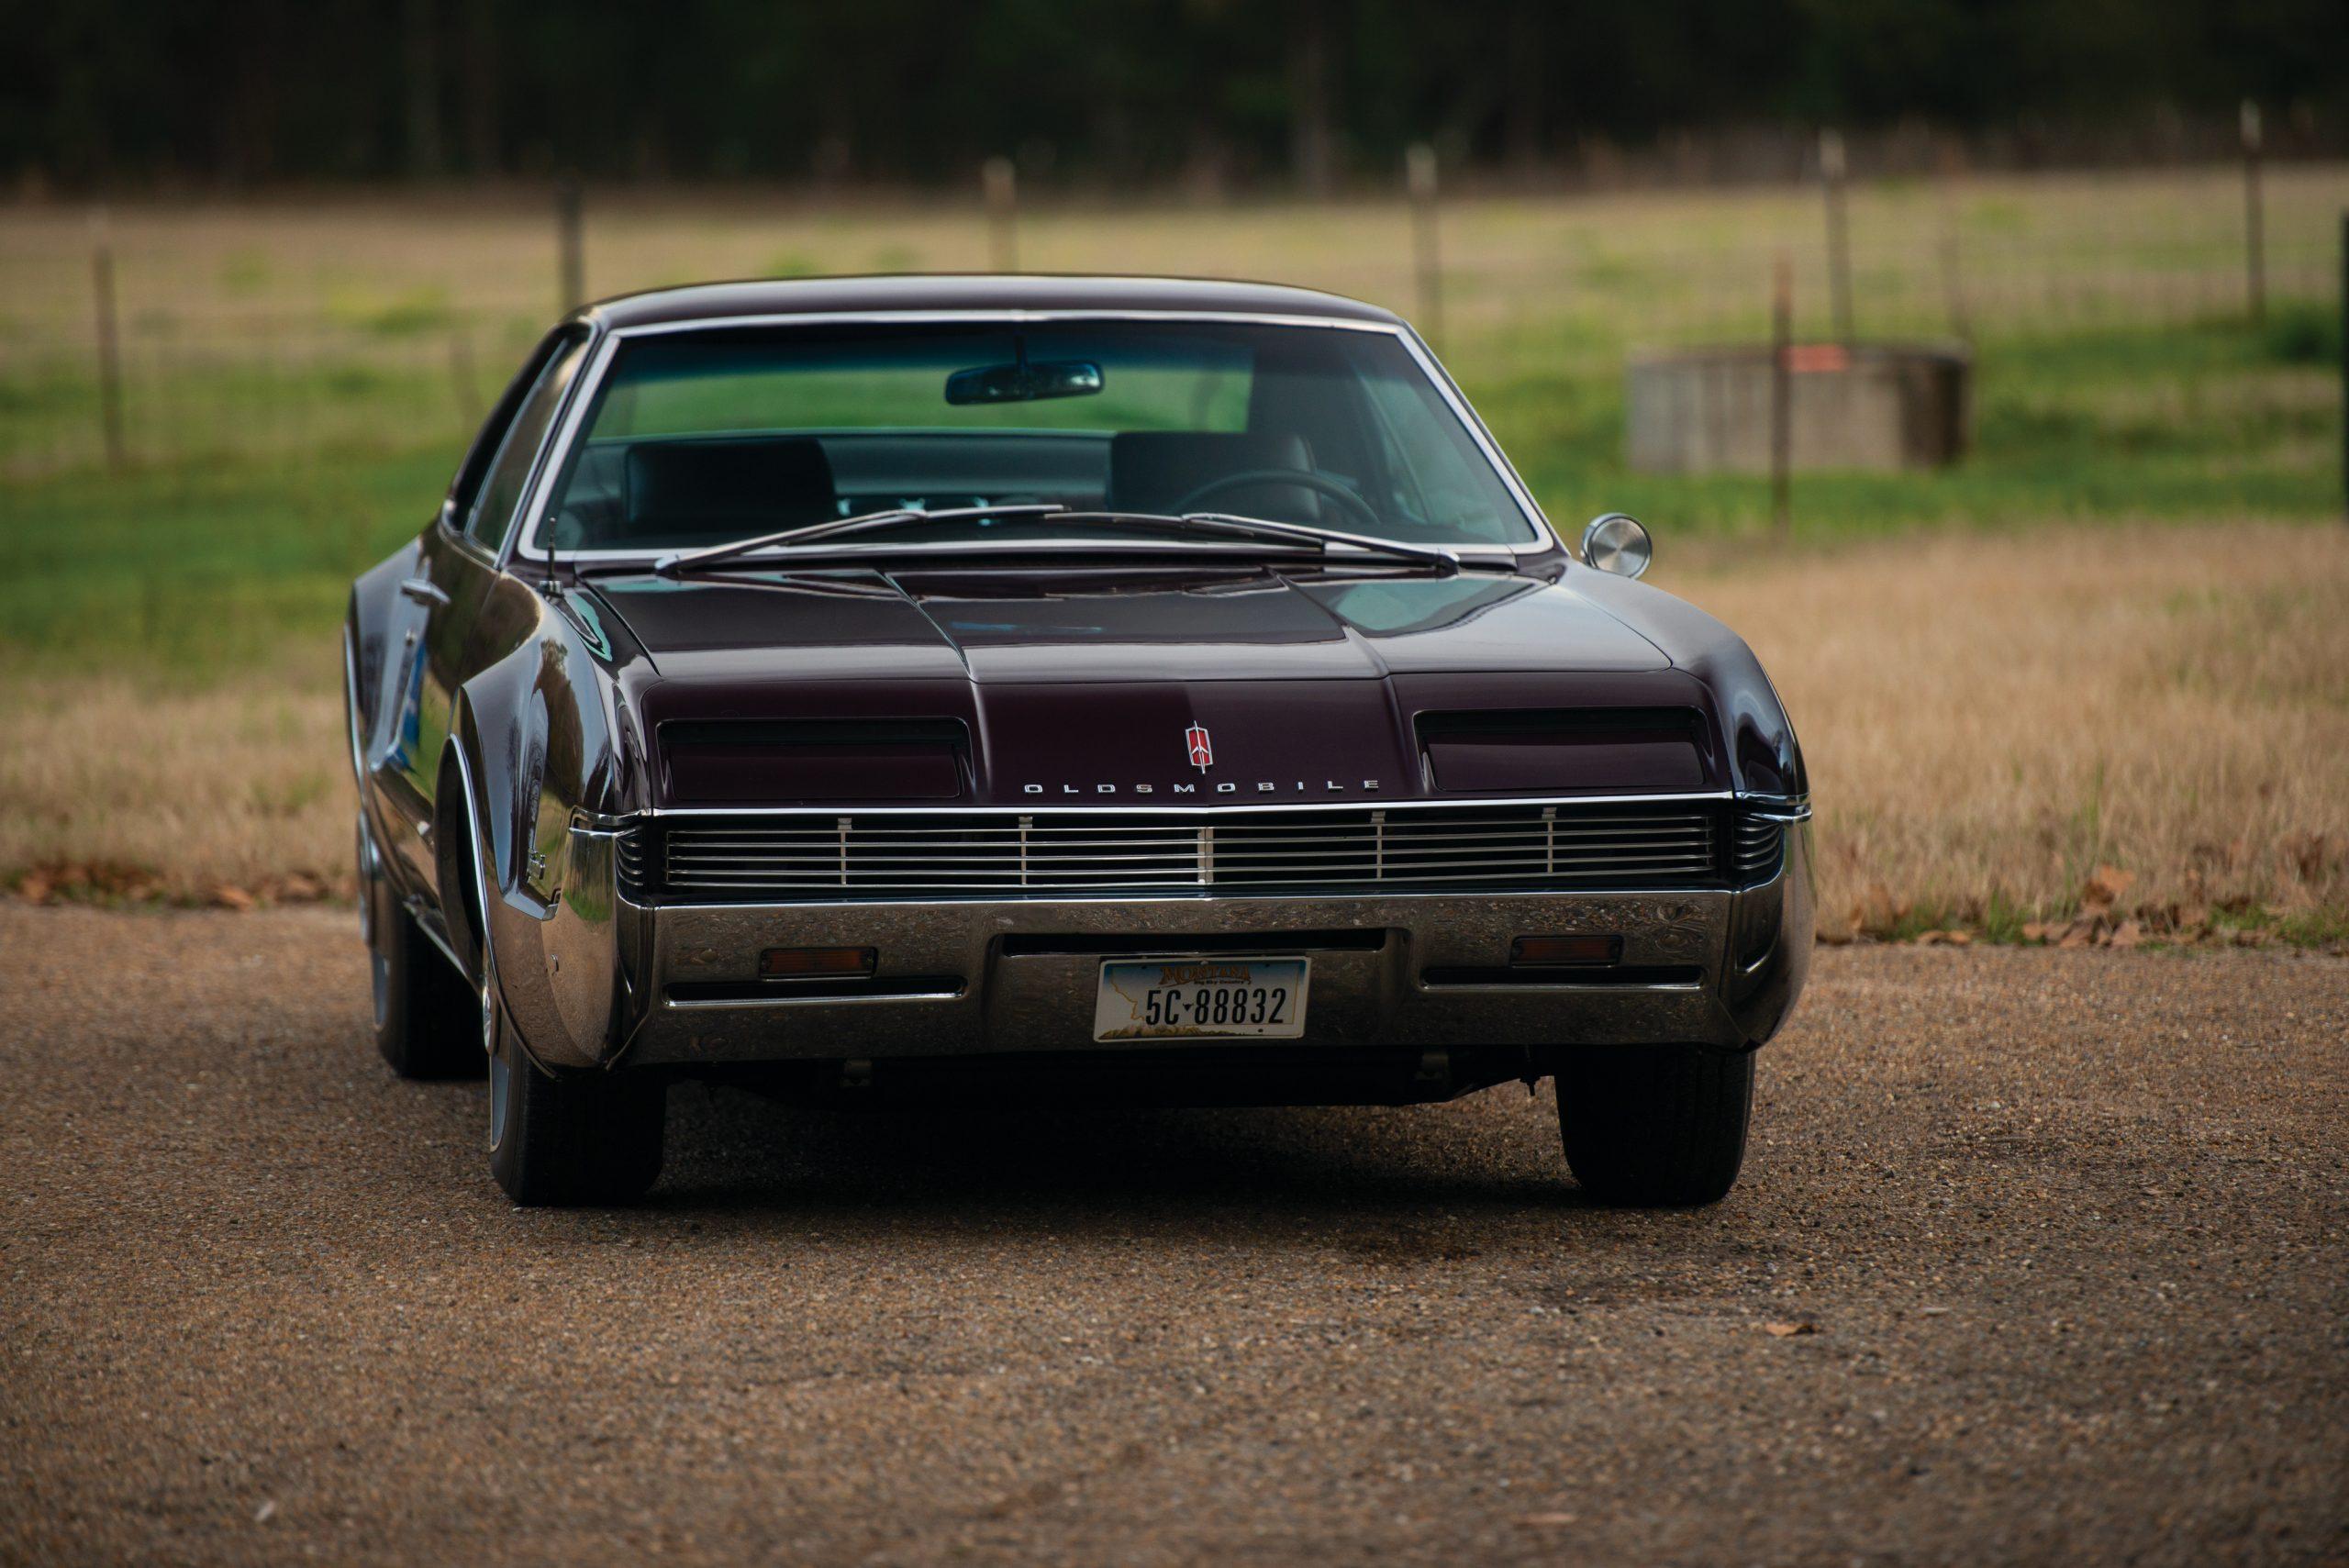 Olds Toronado front